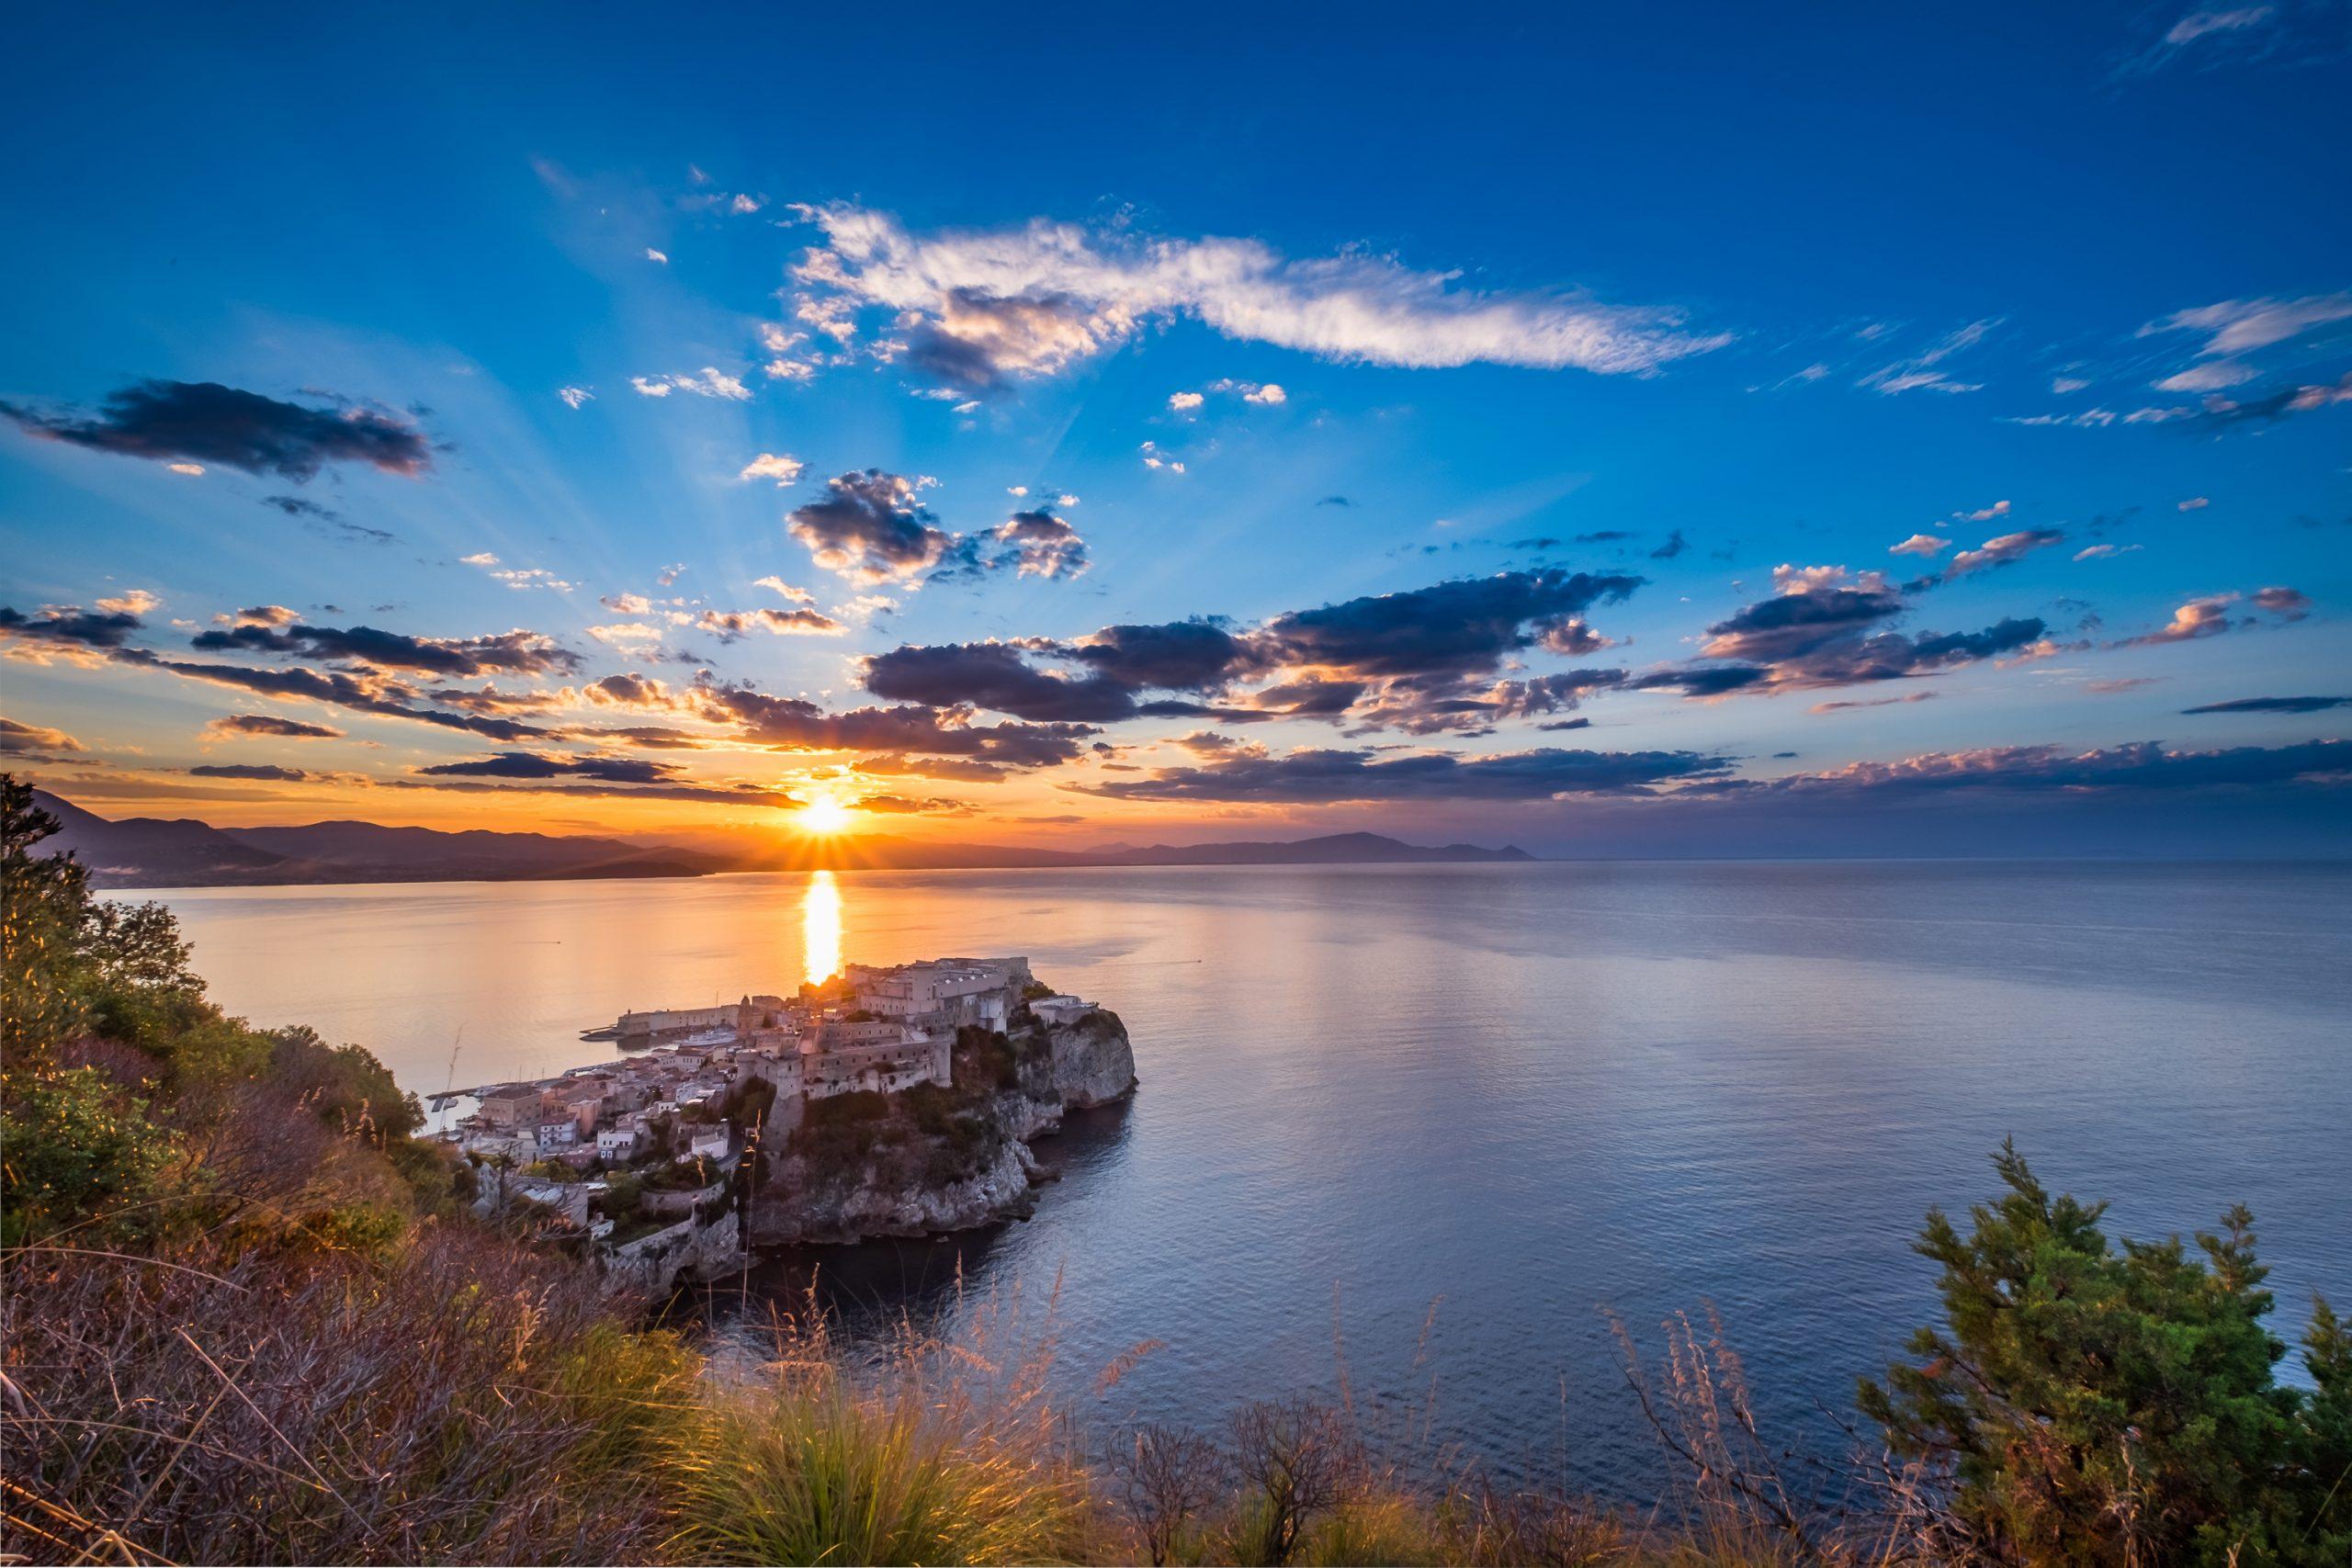 Alba sulla città di Gaeta. Foto di copertina di Alfredo Reale.